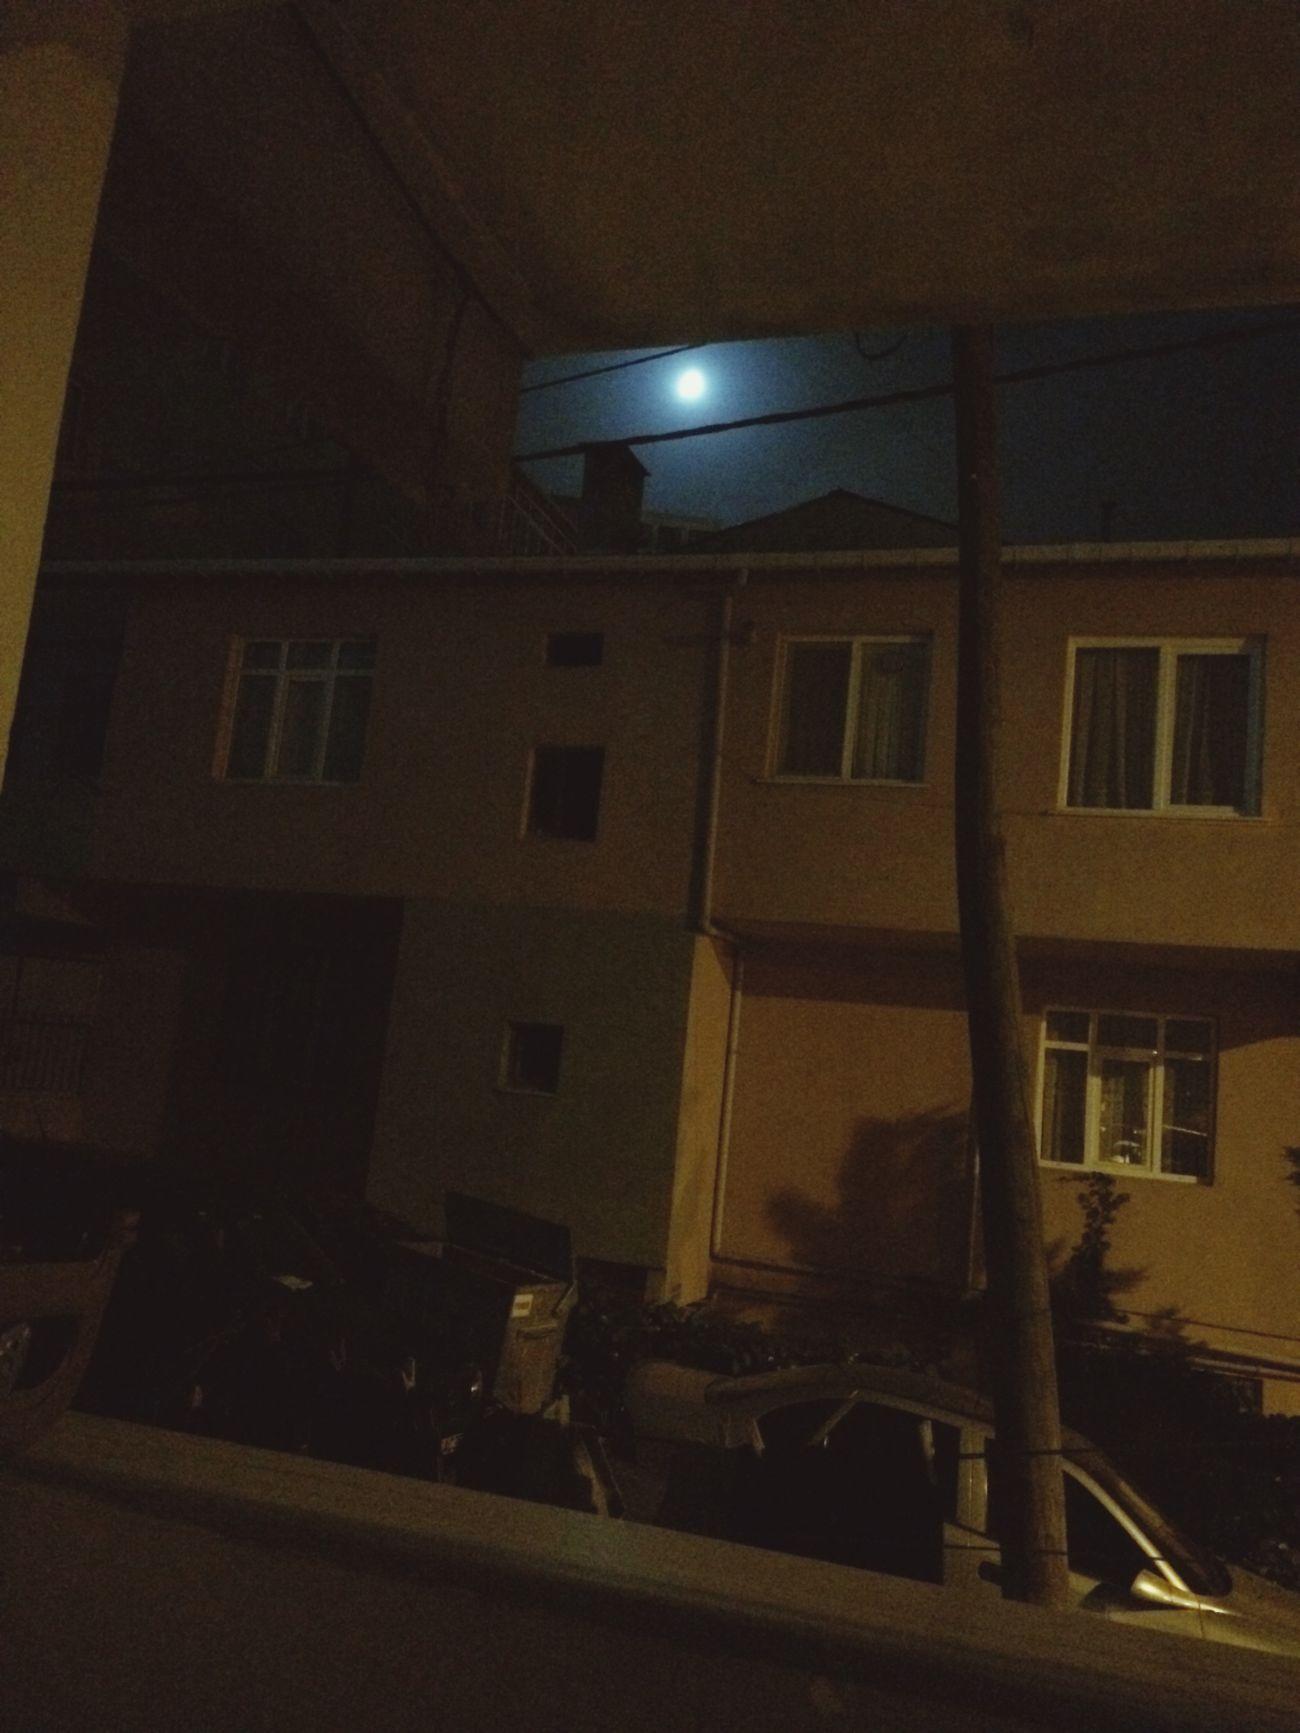 Gece yarım ayı izlemek..✅😉